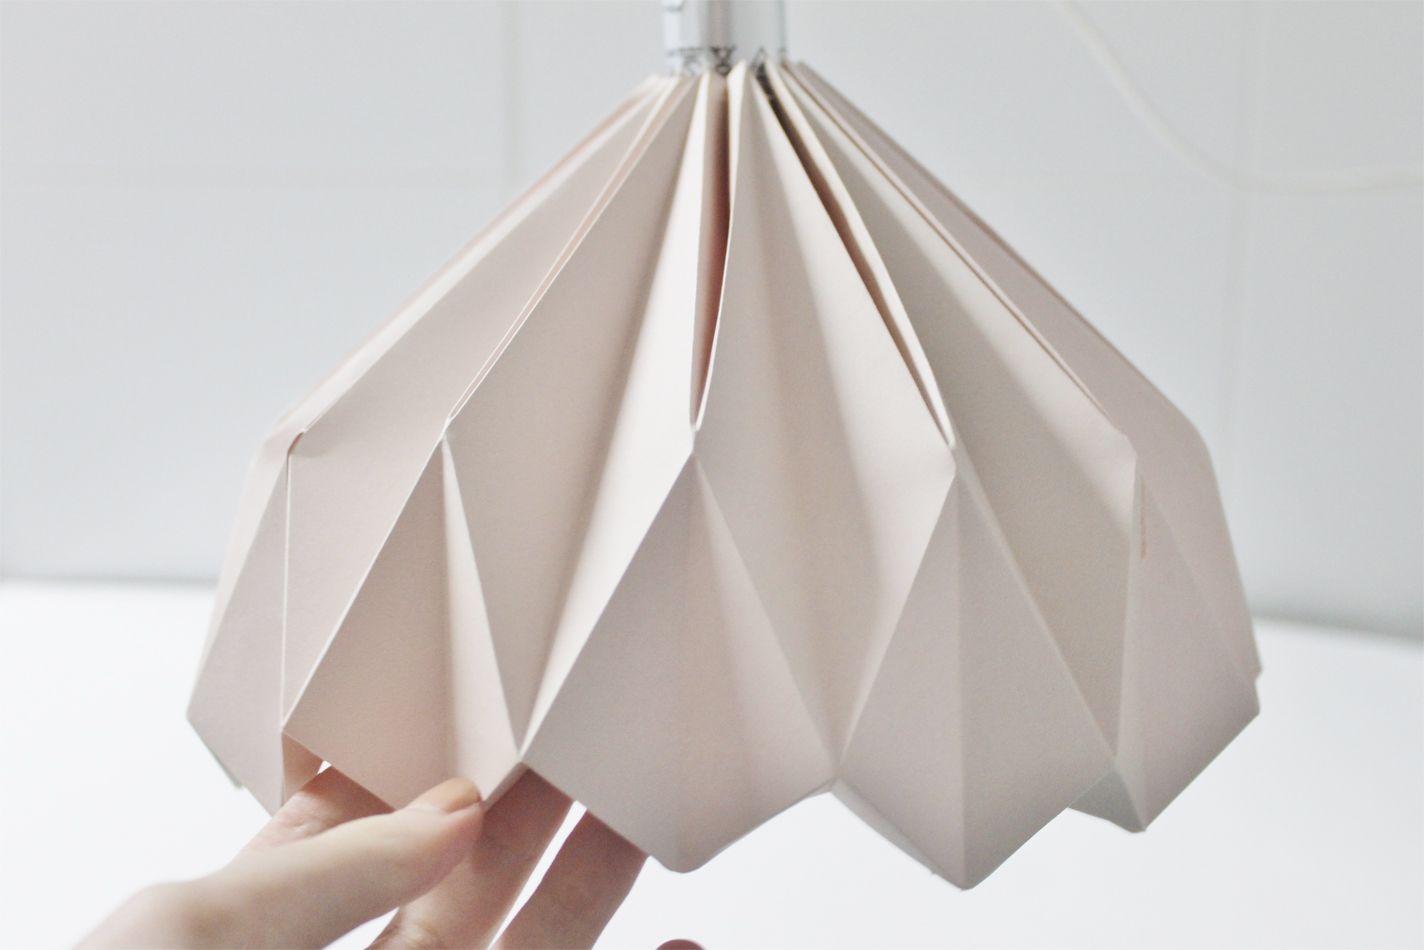 Lampada Origami Istruzioni : Come usare la lampada di sale himalayano passaggi